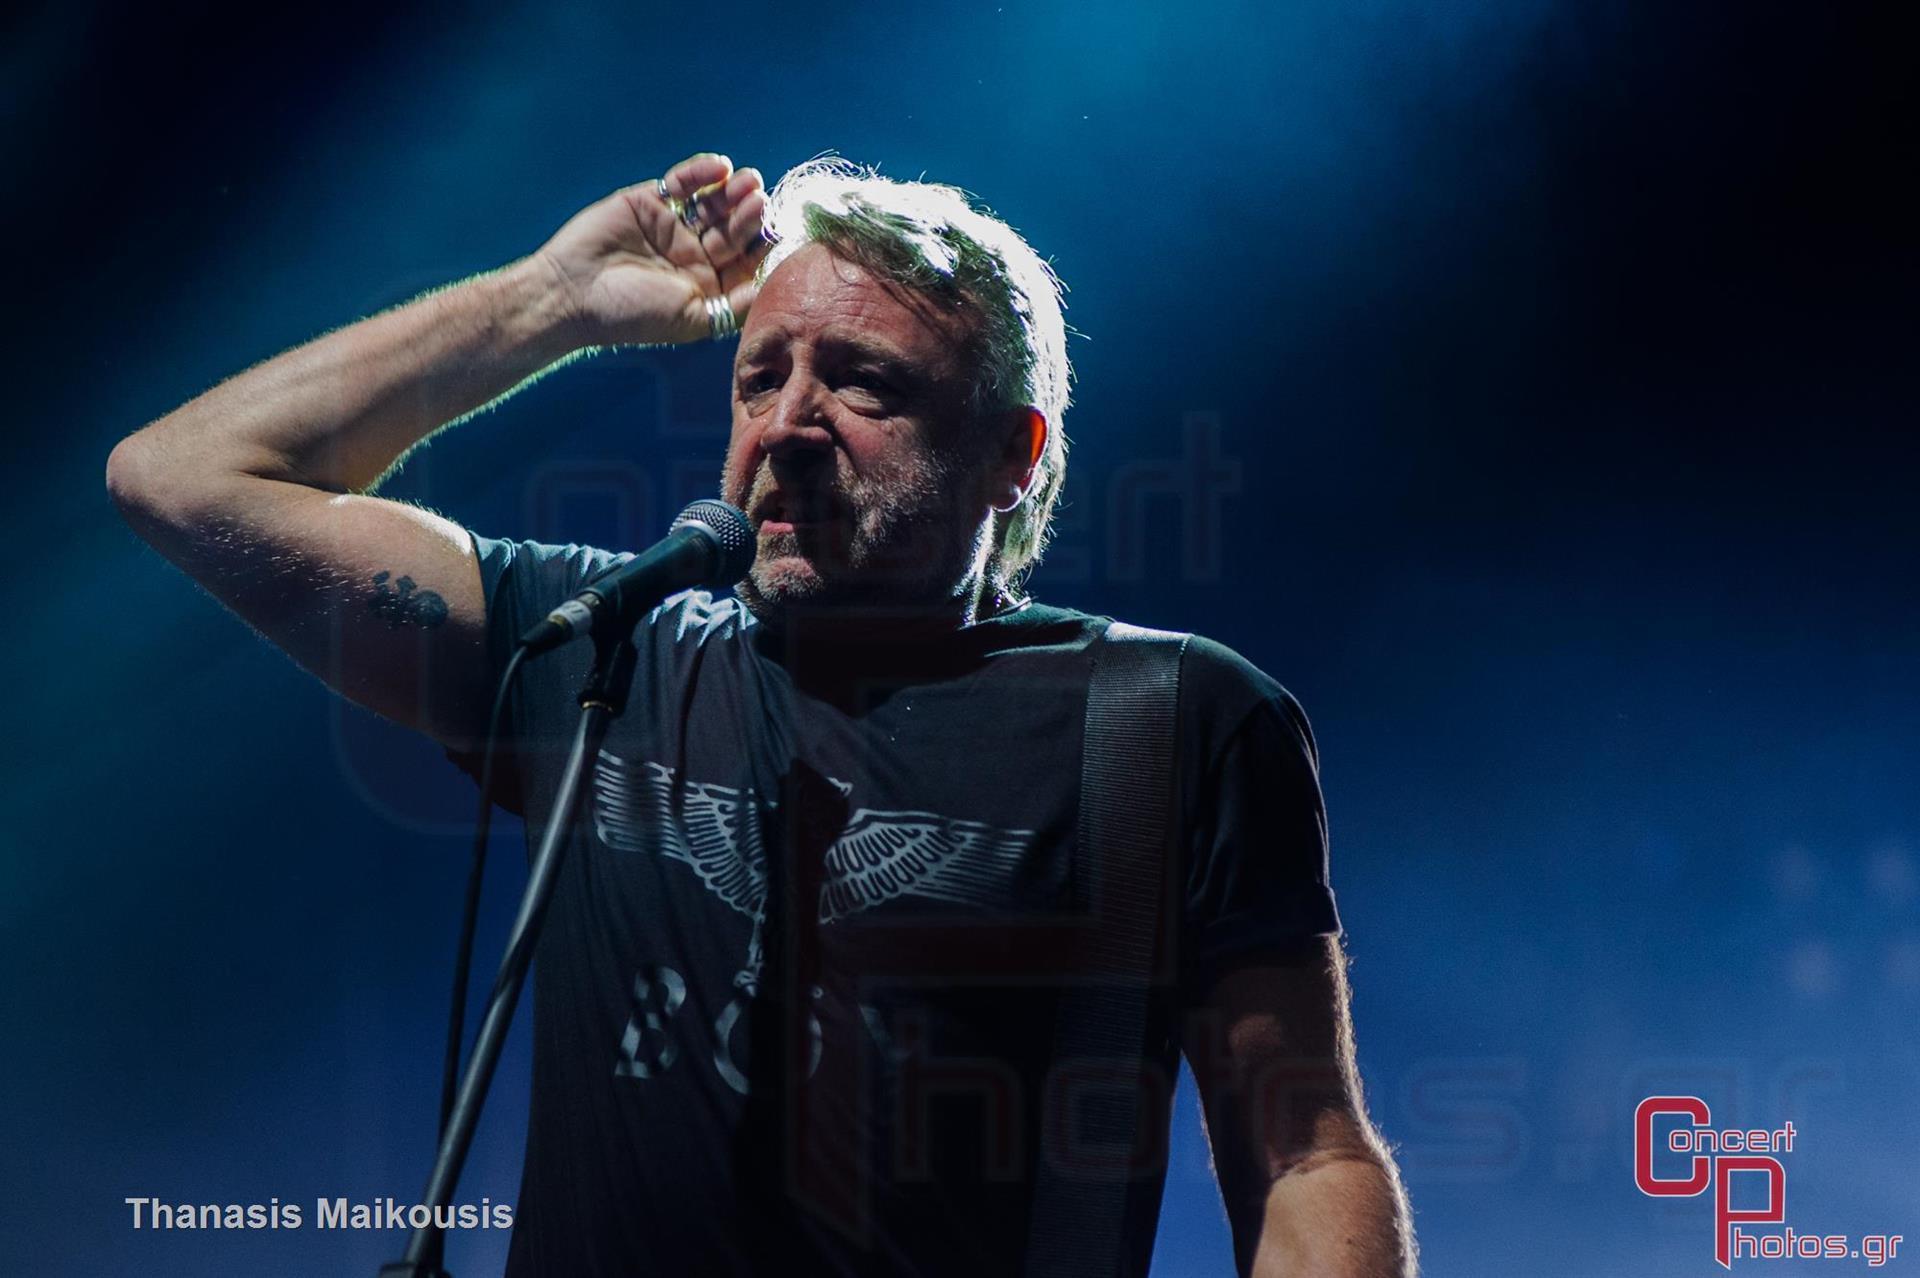 Peter Hook & The Light -Peter Hook & The Light Ejekt 2013 photographer: Thanasis Maikousis - concertphotos_-9380